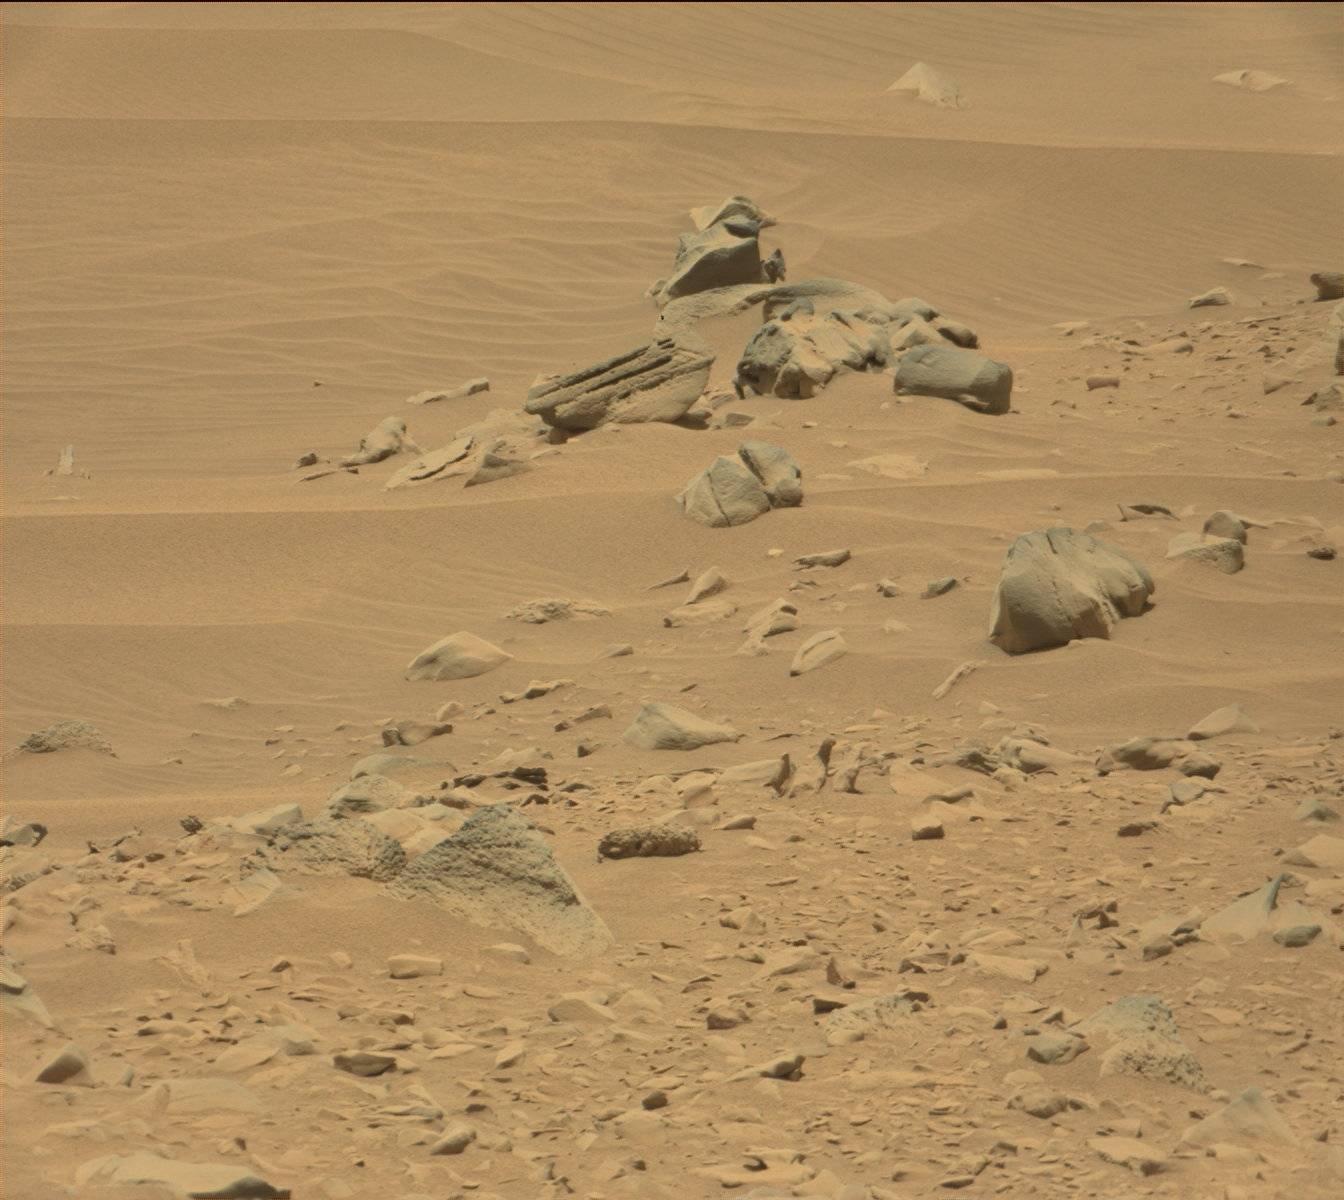 alien artifacts on mars - photo #38